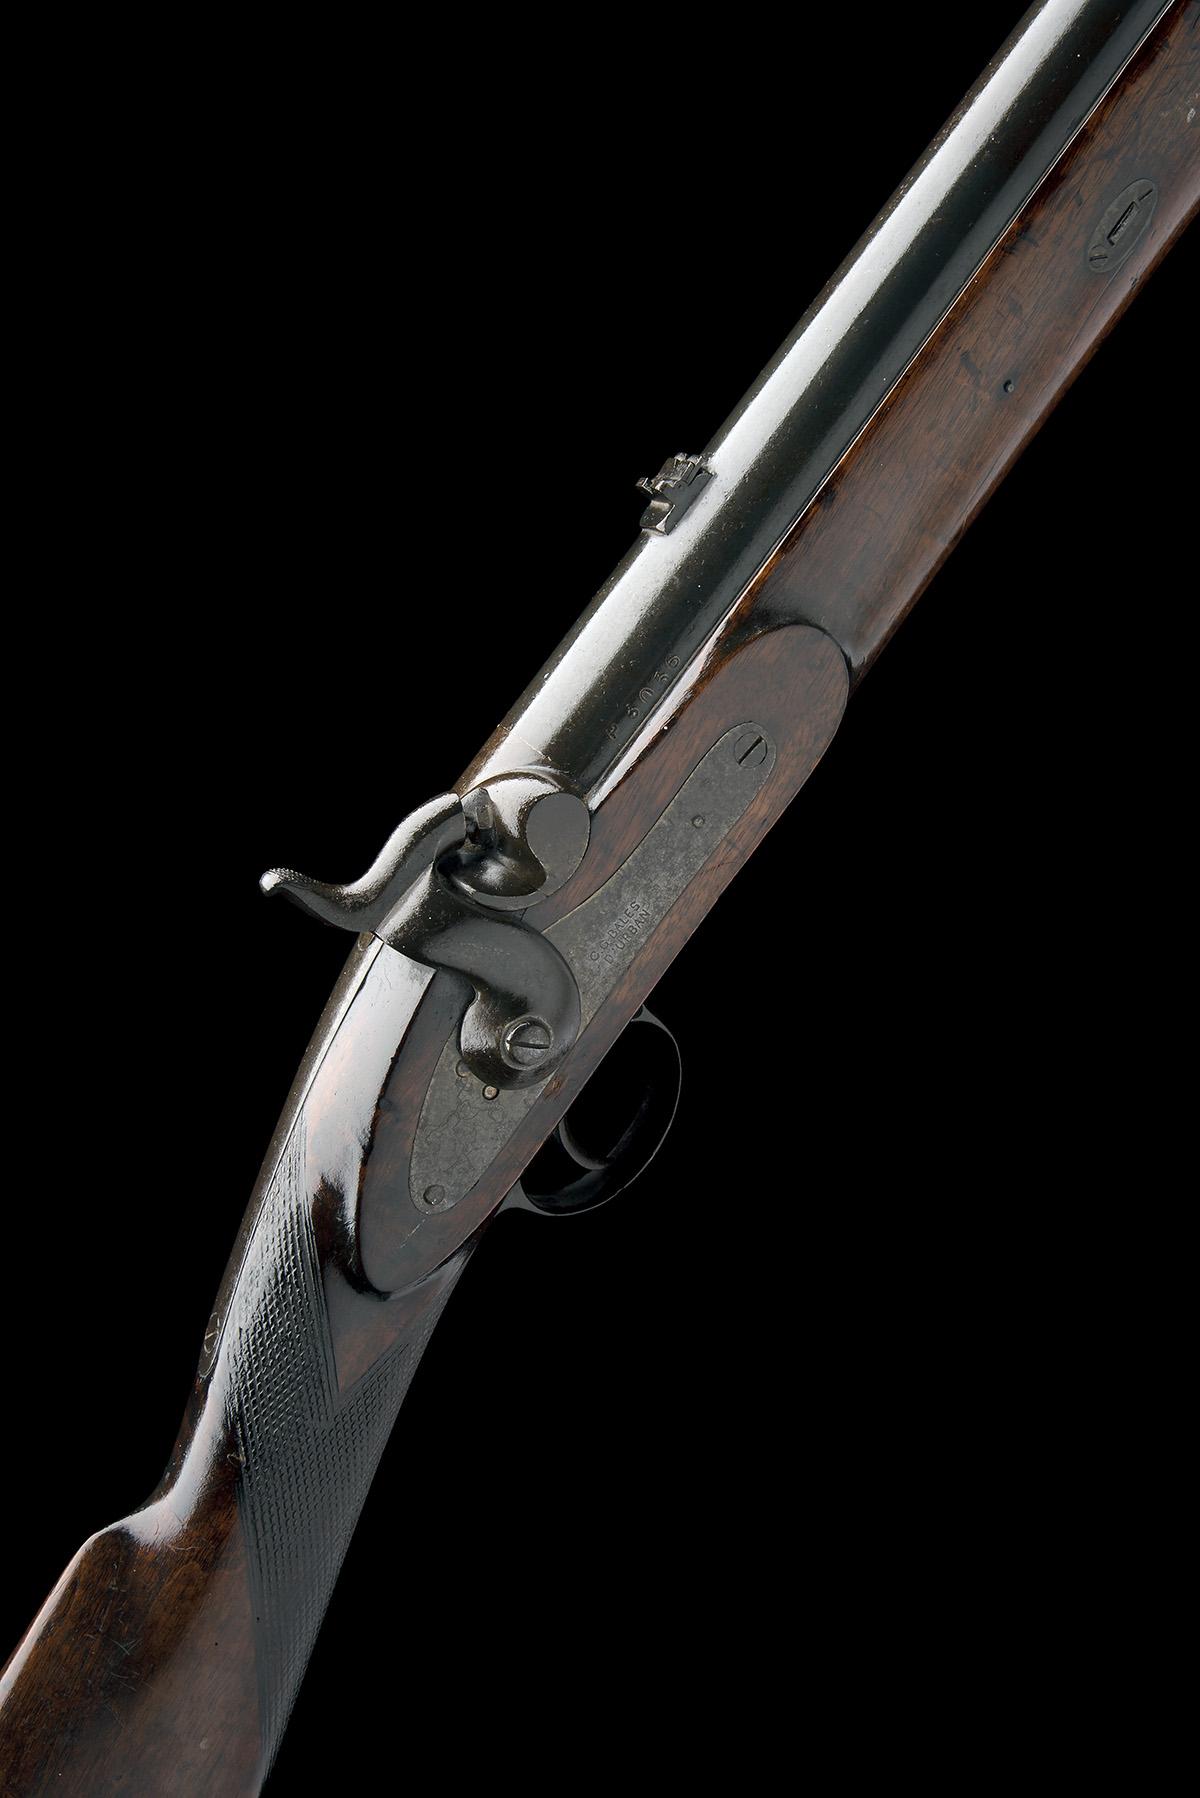 C.G. BALES, DURBAN, SOUTH AFRICA A RARE 4-BORE PERCUSSION RIFLED SHOT & BALL GUN FOR DANGEROUS GAME,